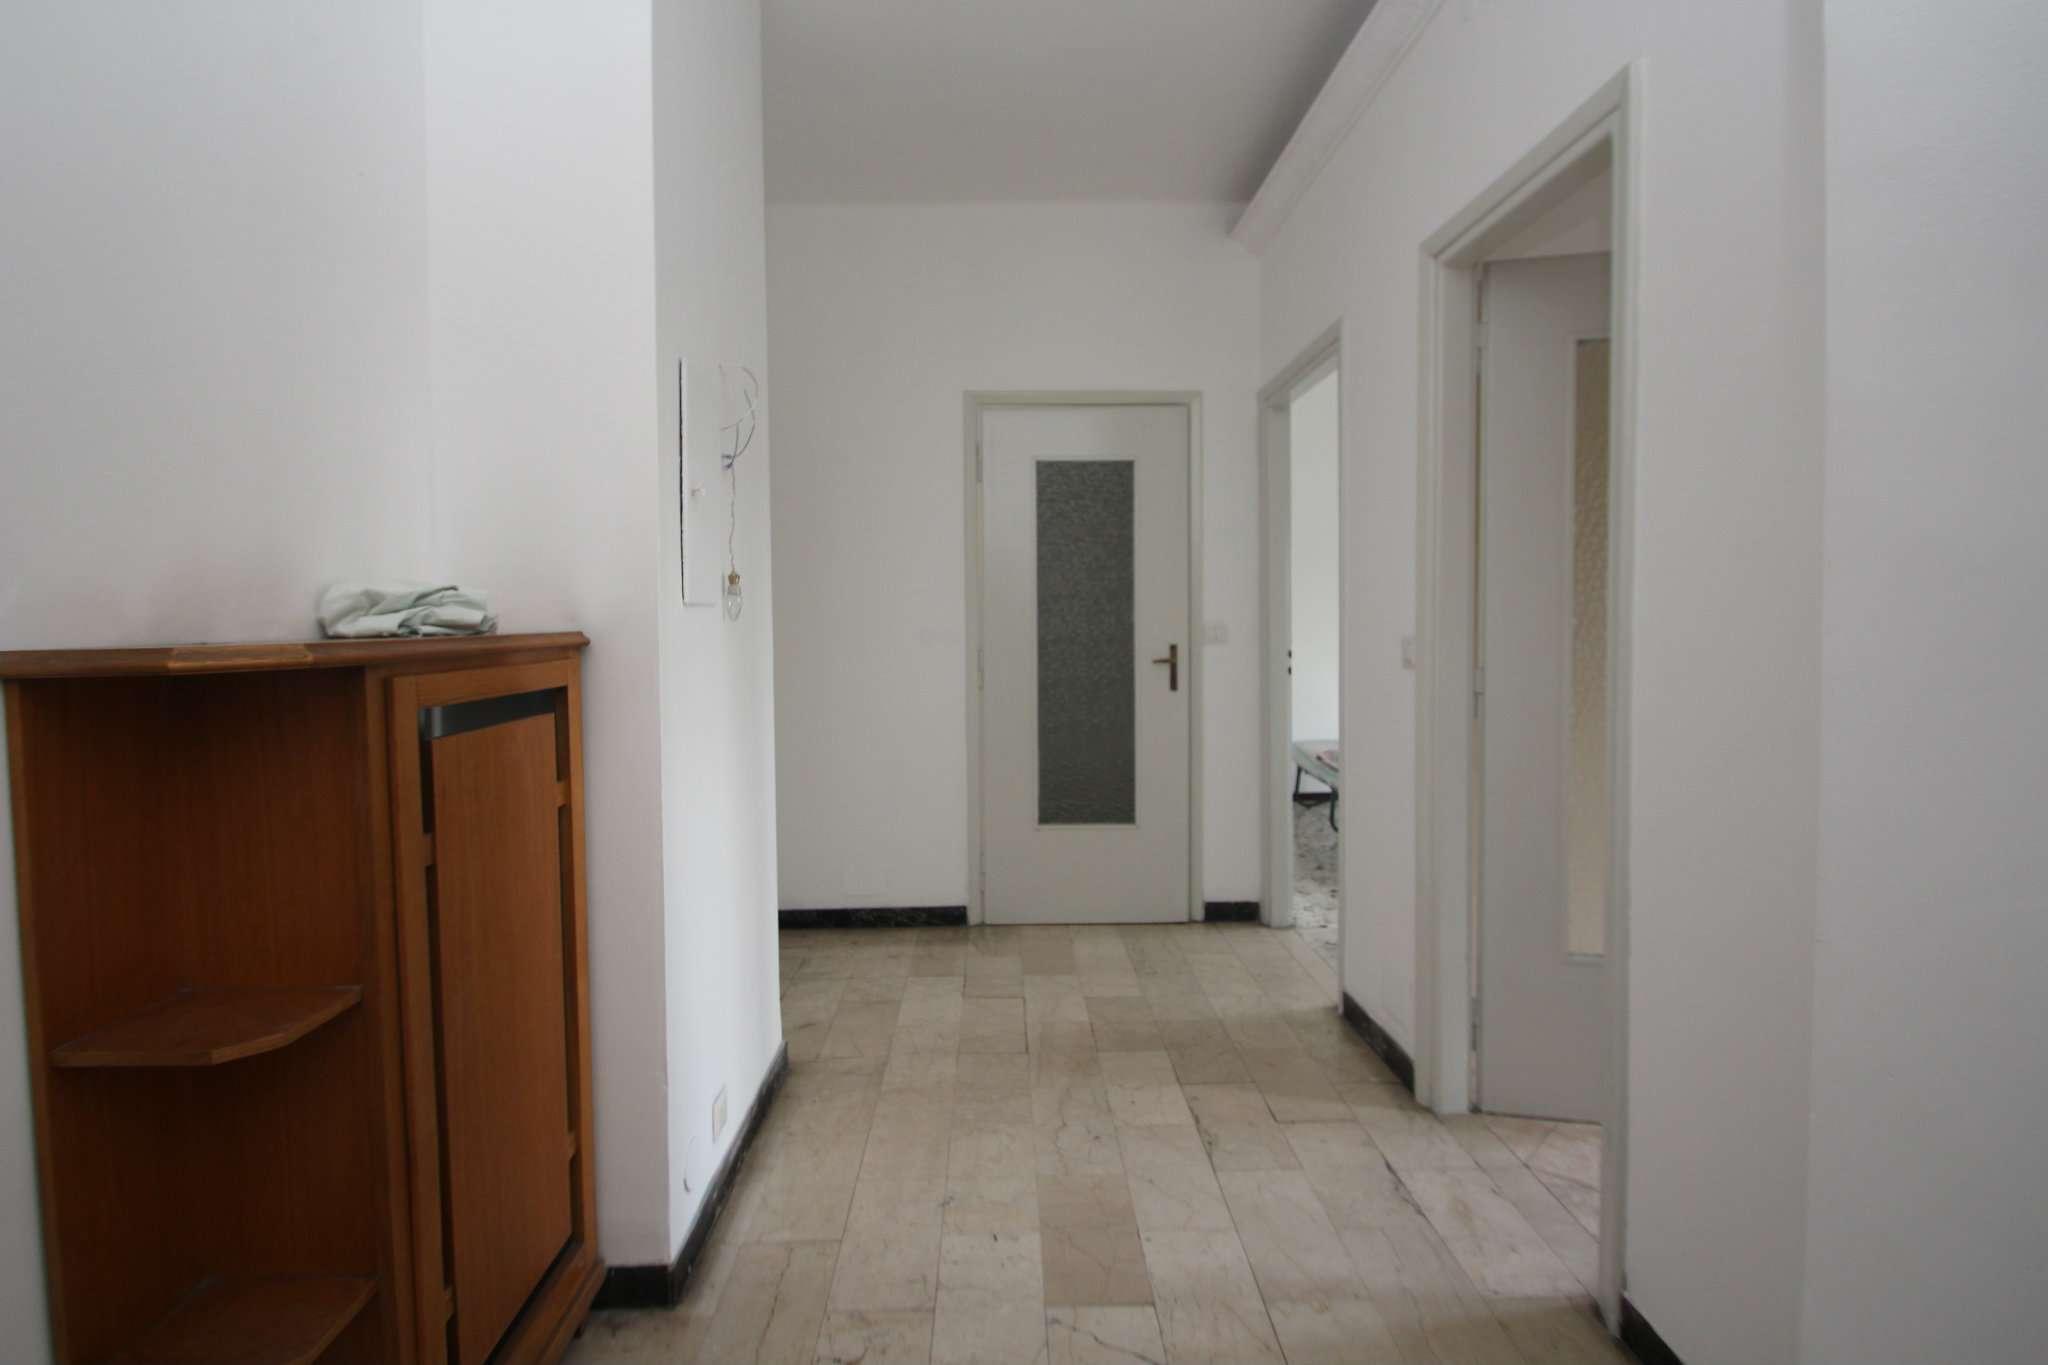 Foto 1 di Trilocale via Stradella 22, Torino (zona Madonna di Campagna, Borgo Vittoria, Barriera di Lanzo)